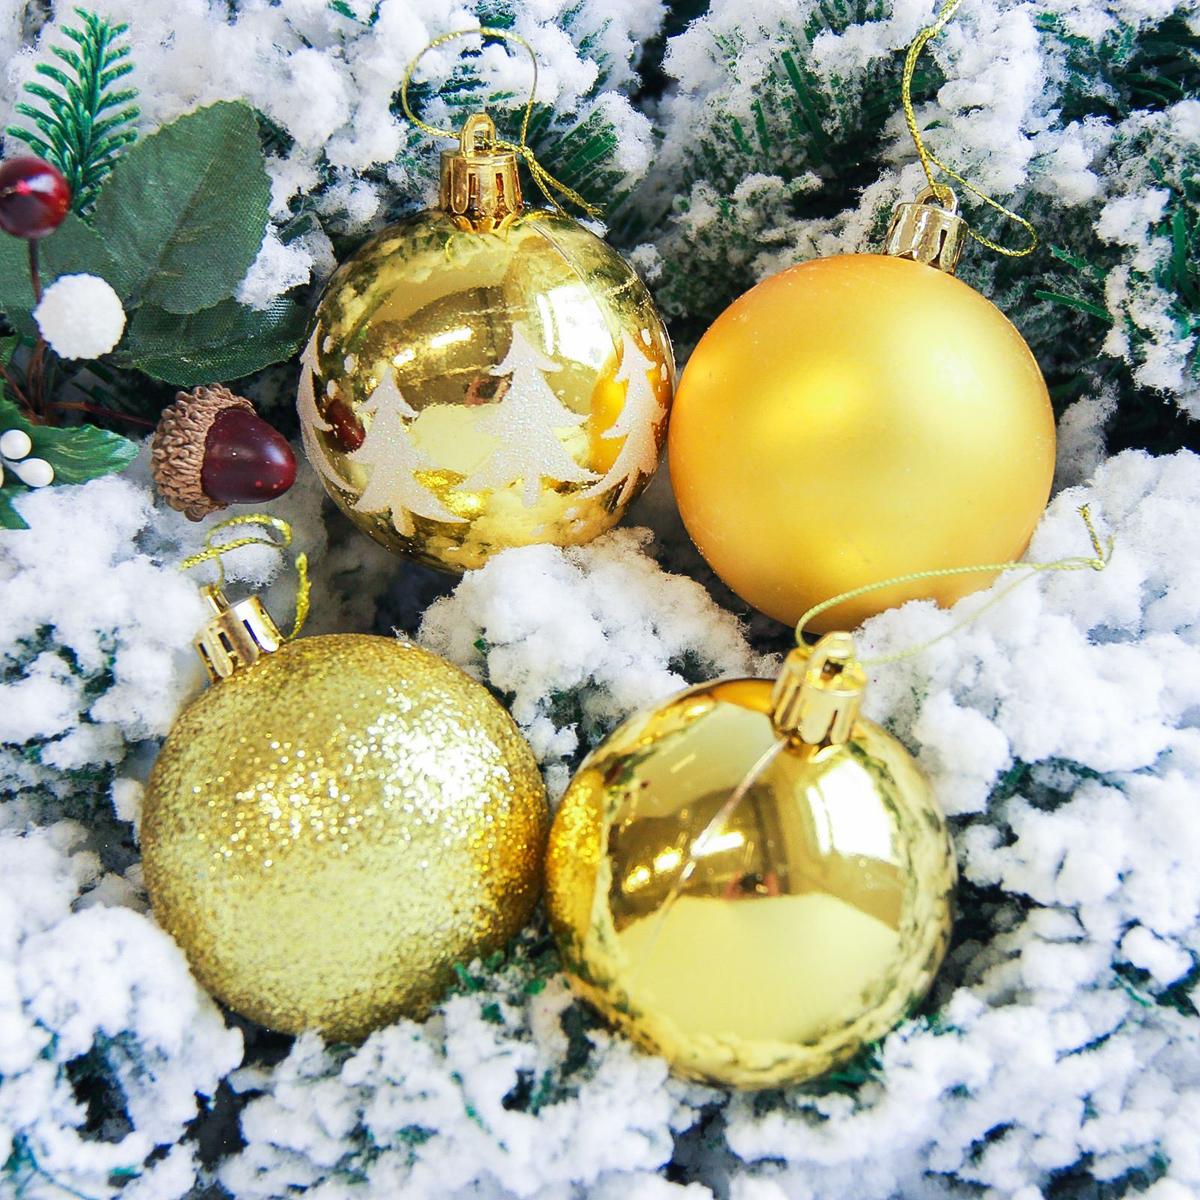 Набор новогодних подвесных украшений Sima-land Грациозо, цвет: золотистый, диаметр 6 см, 16 шт2178247Невозможно представить нашу жизнь без праздников! Мы всегда ждём их и предвкушаем, обдумываем, как проведём памятный день, тщательно выбираем подарки и аксессуары, ведь именно они создают и поддерживают торжественный настрой.